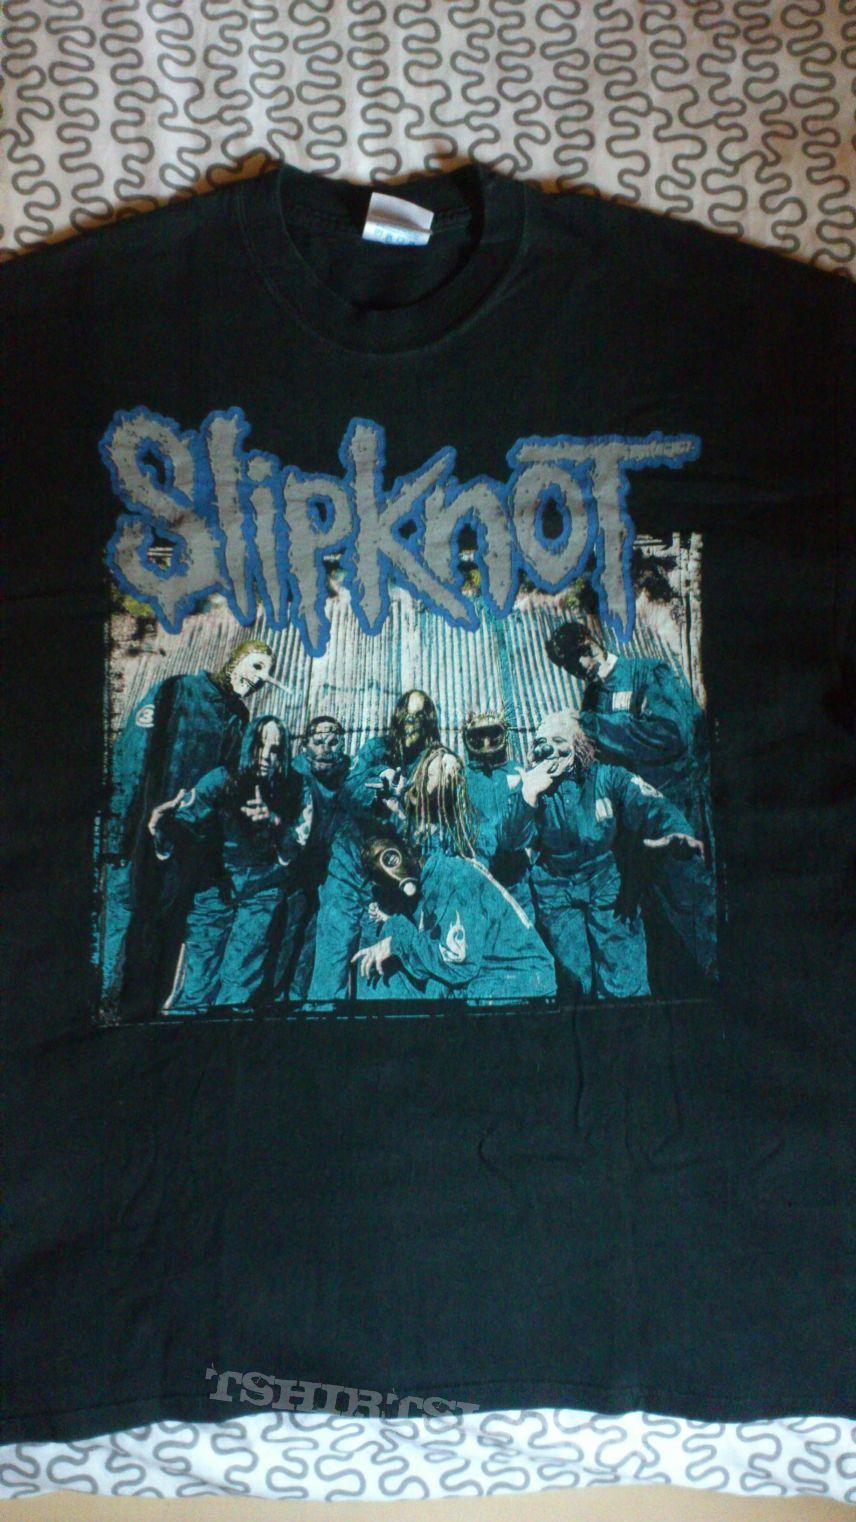 krombi123s slipknot slipknot shirt tshirt or longsleeve